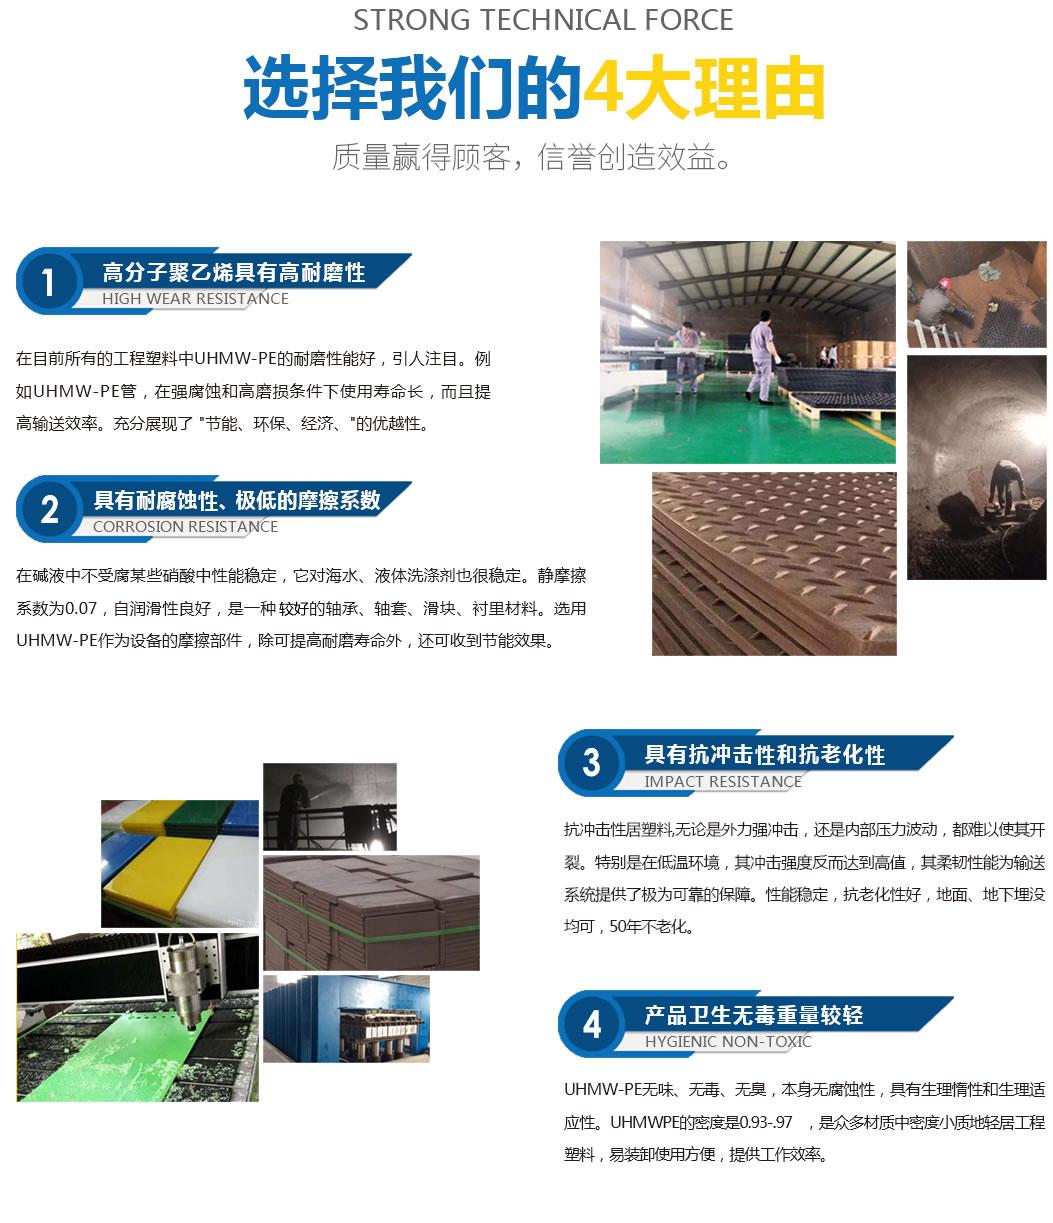 汤阴县凯祥耐磨材料有限公司